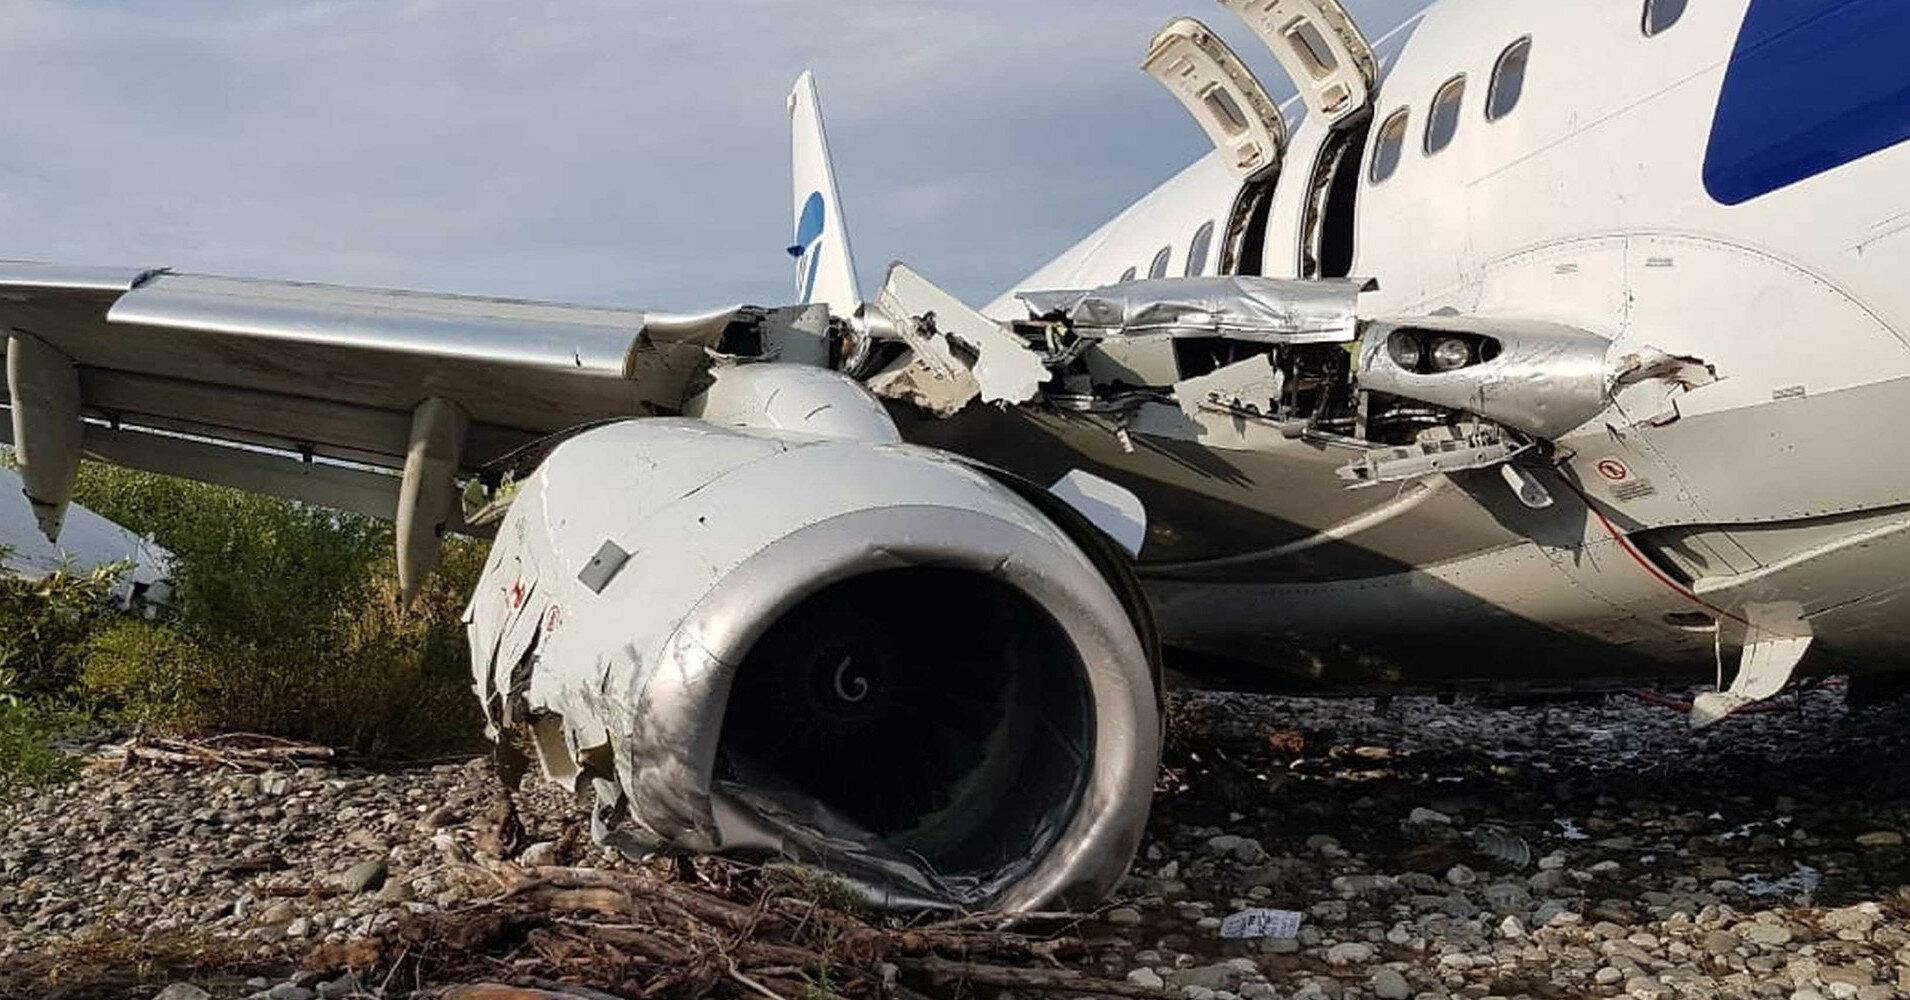 Суд відхилив липові показання щодо збитого MH17, передані РФ